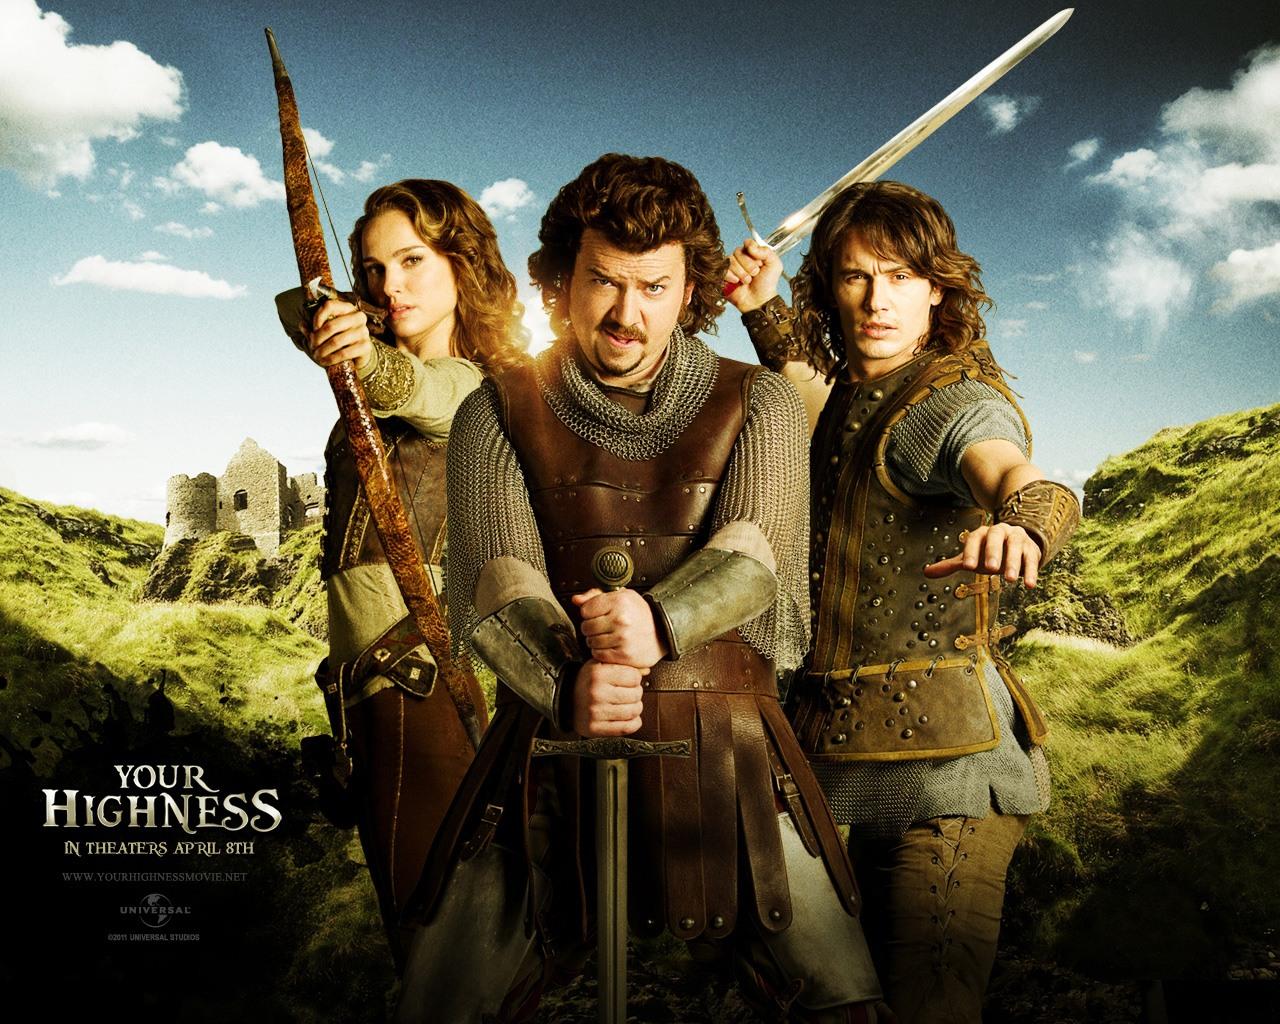 Кино онлайн Храбрые перцем/Ваша высокомерность/Your Highness